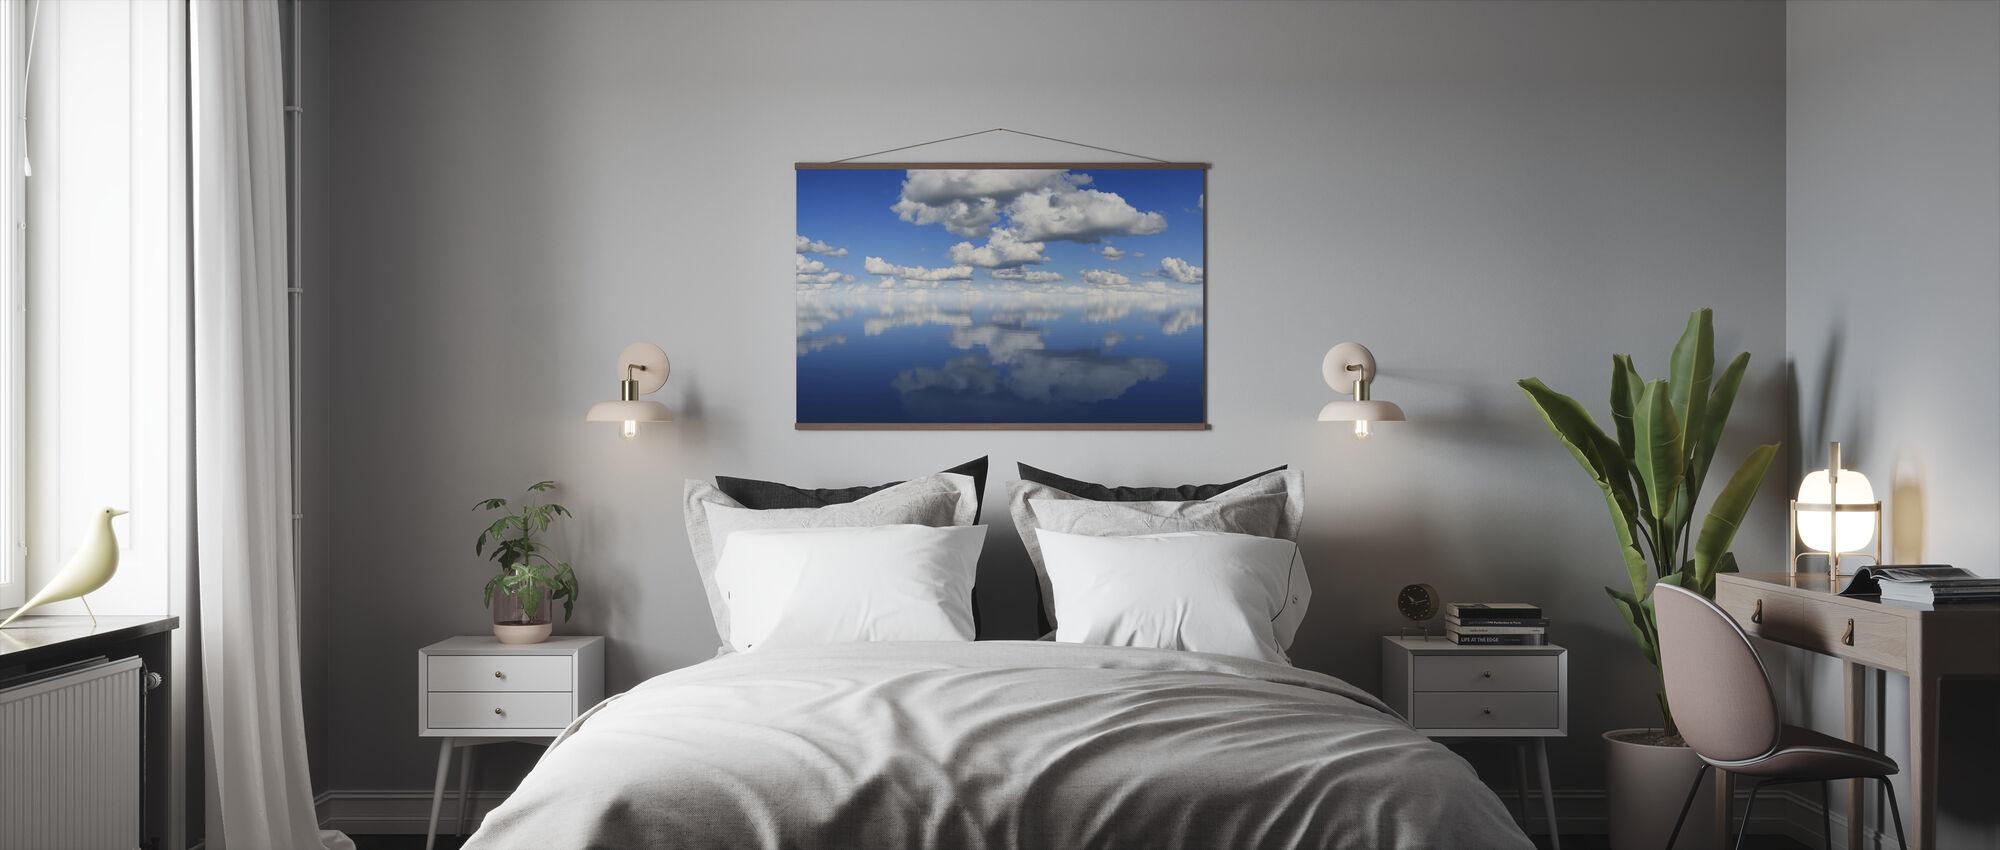 Spiegel Meer - Poster - Schlafzimmer